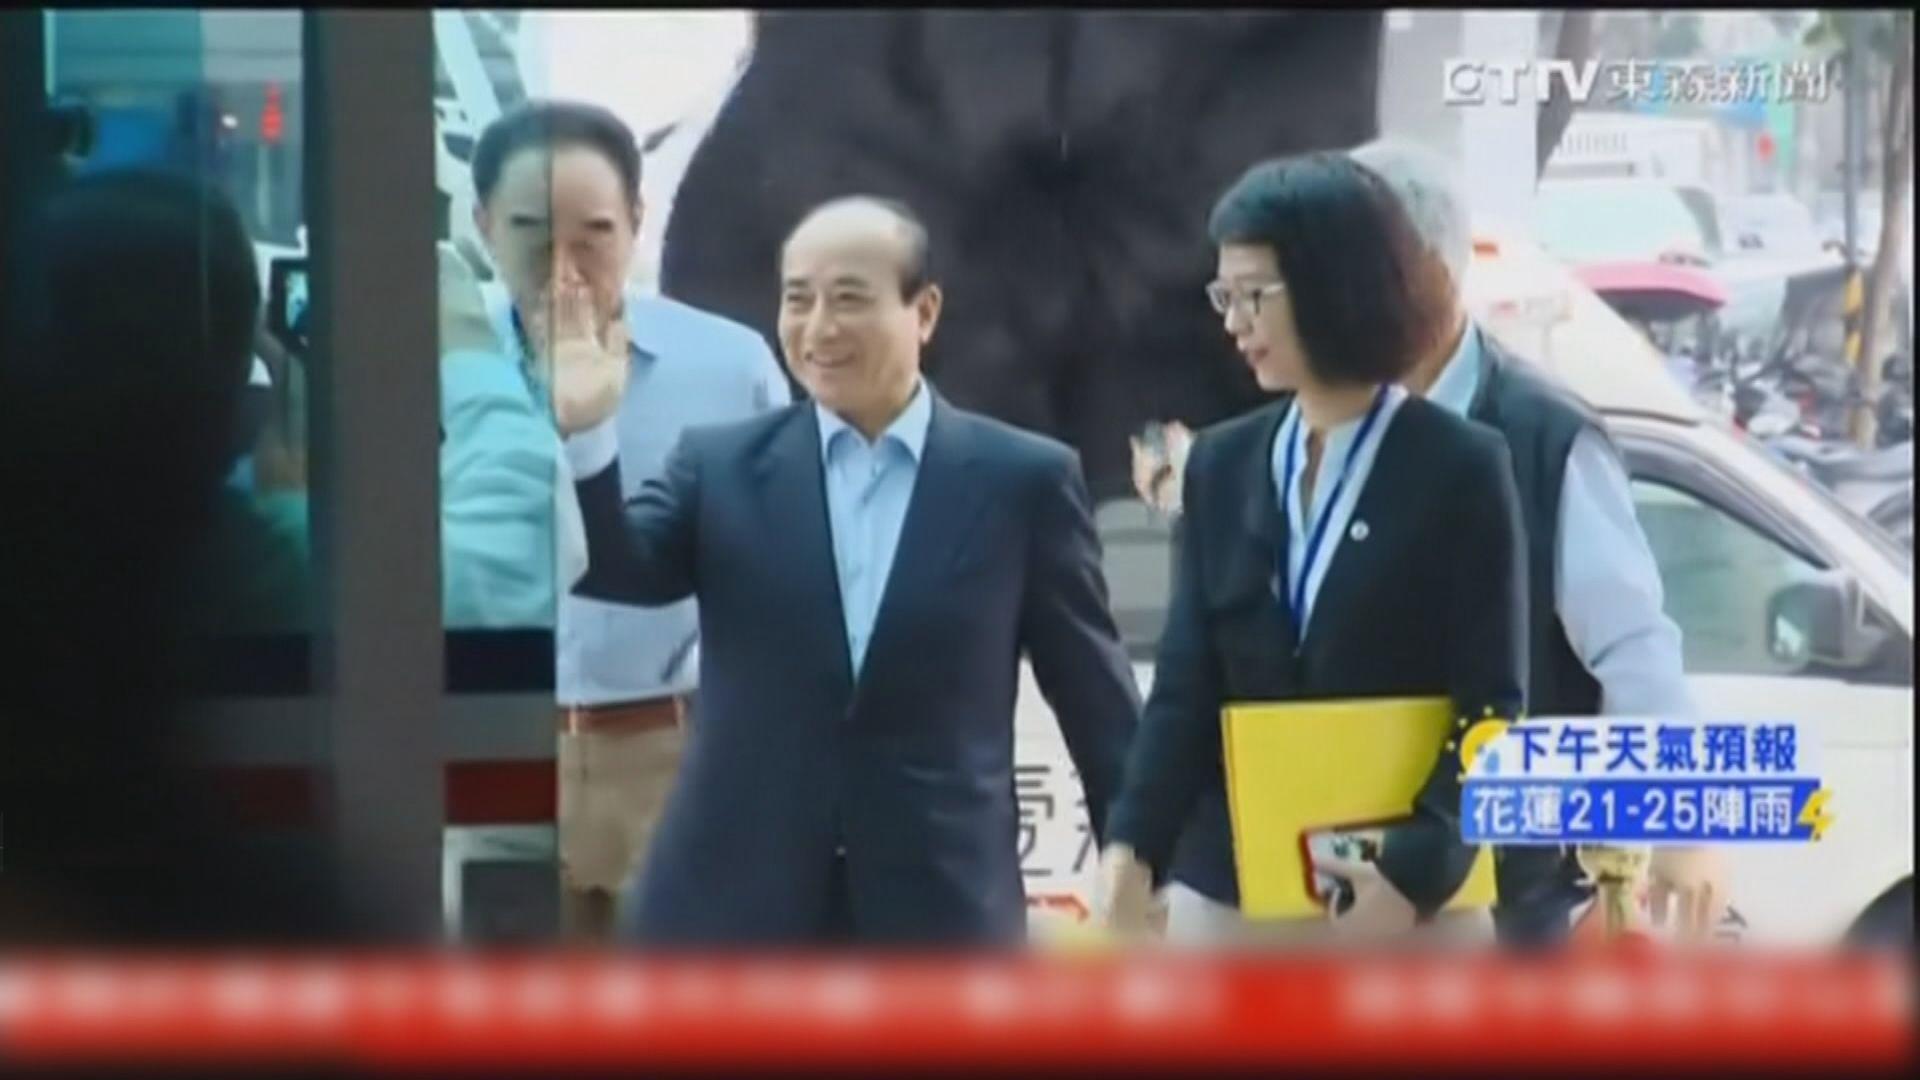 前立法院院長王金平重申參選總統到底